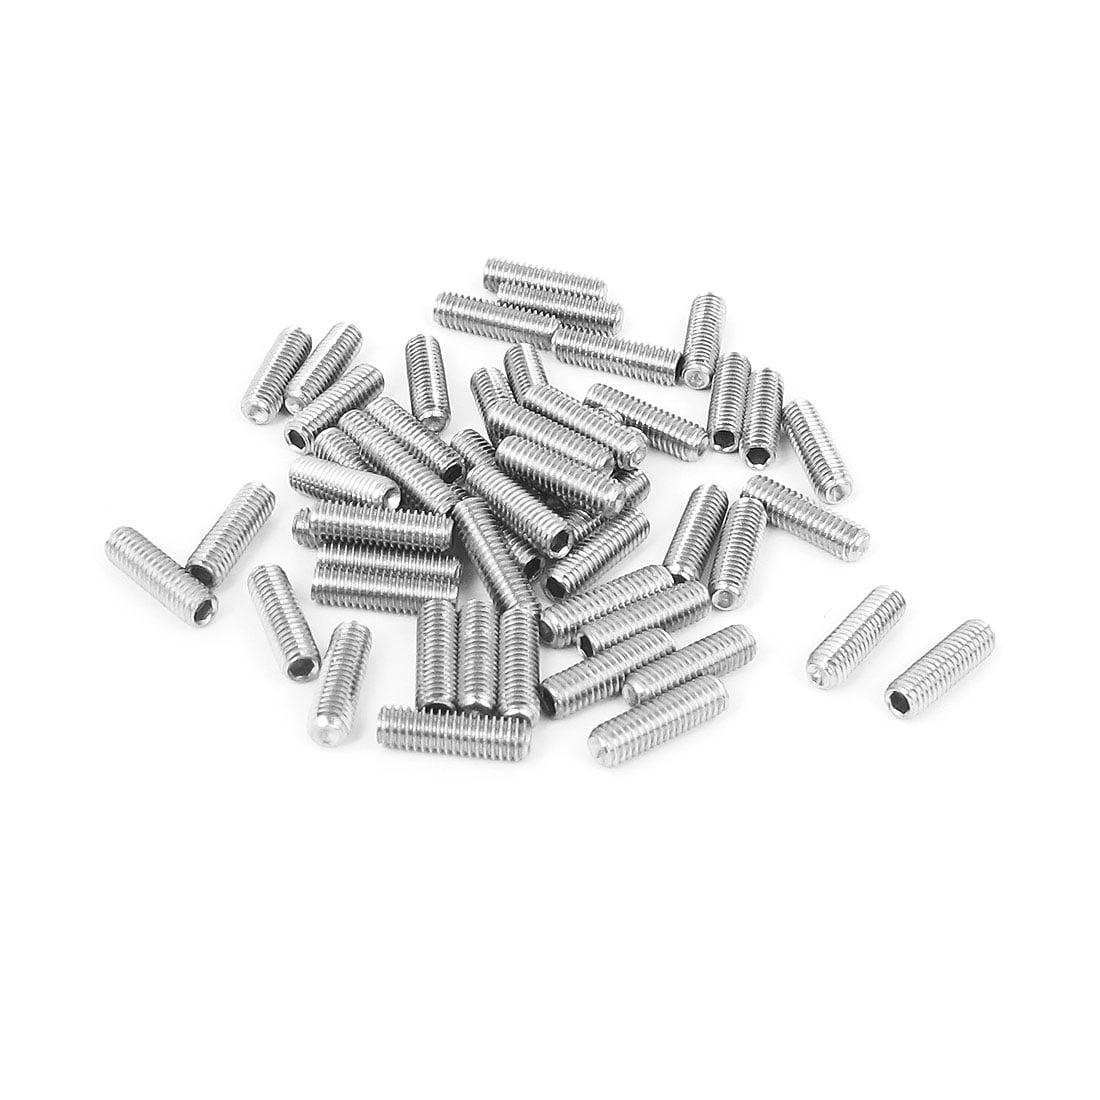 Unique Bargains M3x10mm Stainless Steel Hex Socket Set Cap Point Grub Screws Silver Tone 50pcs